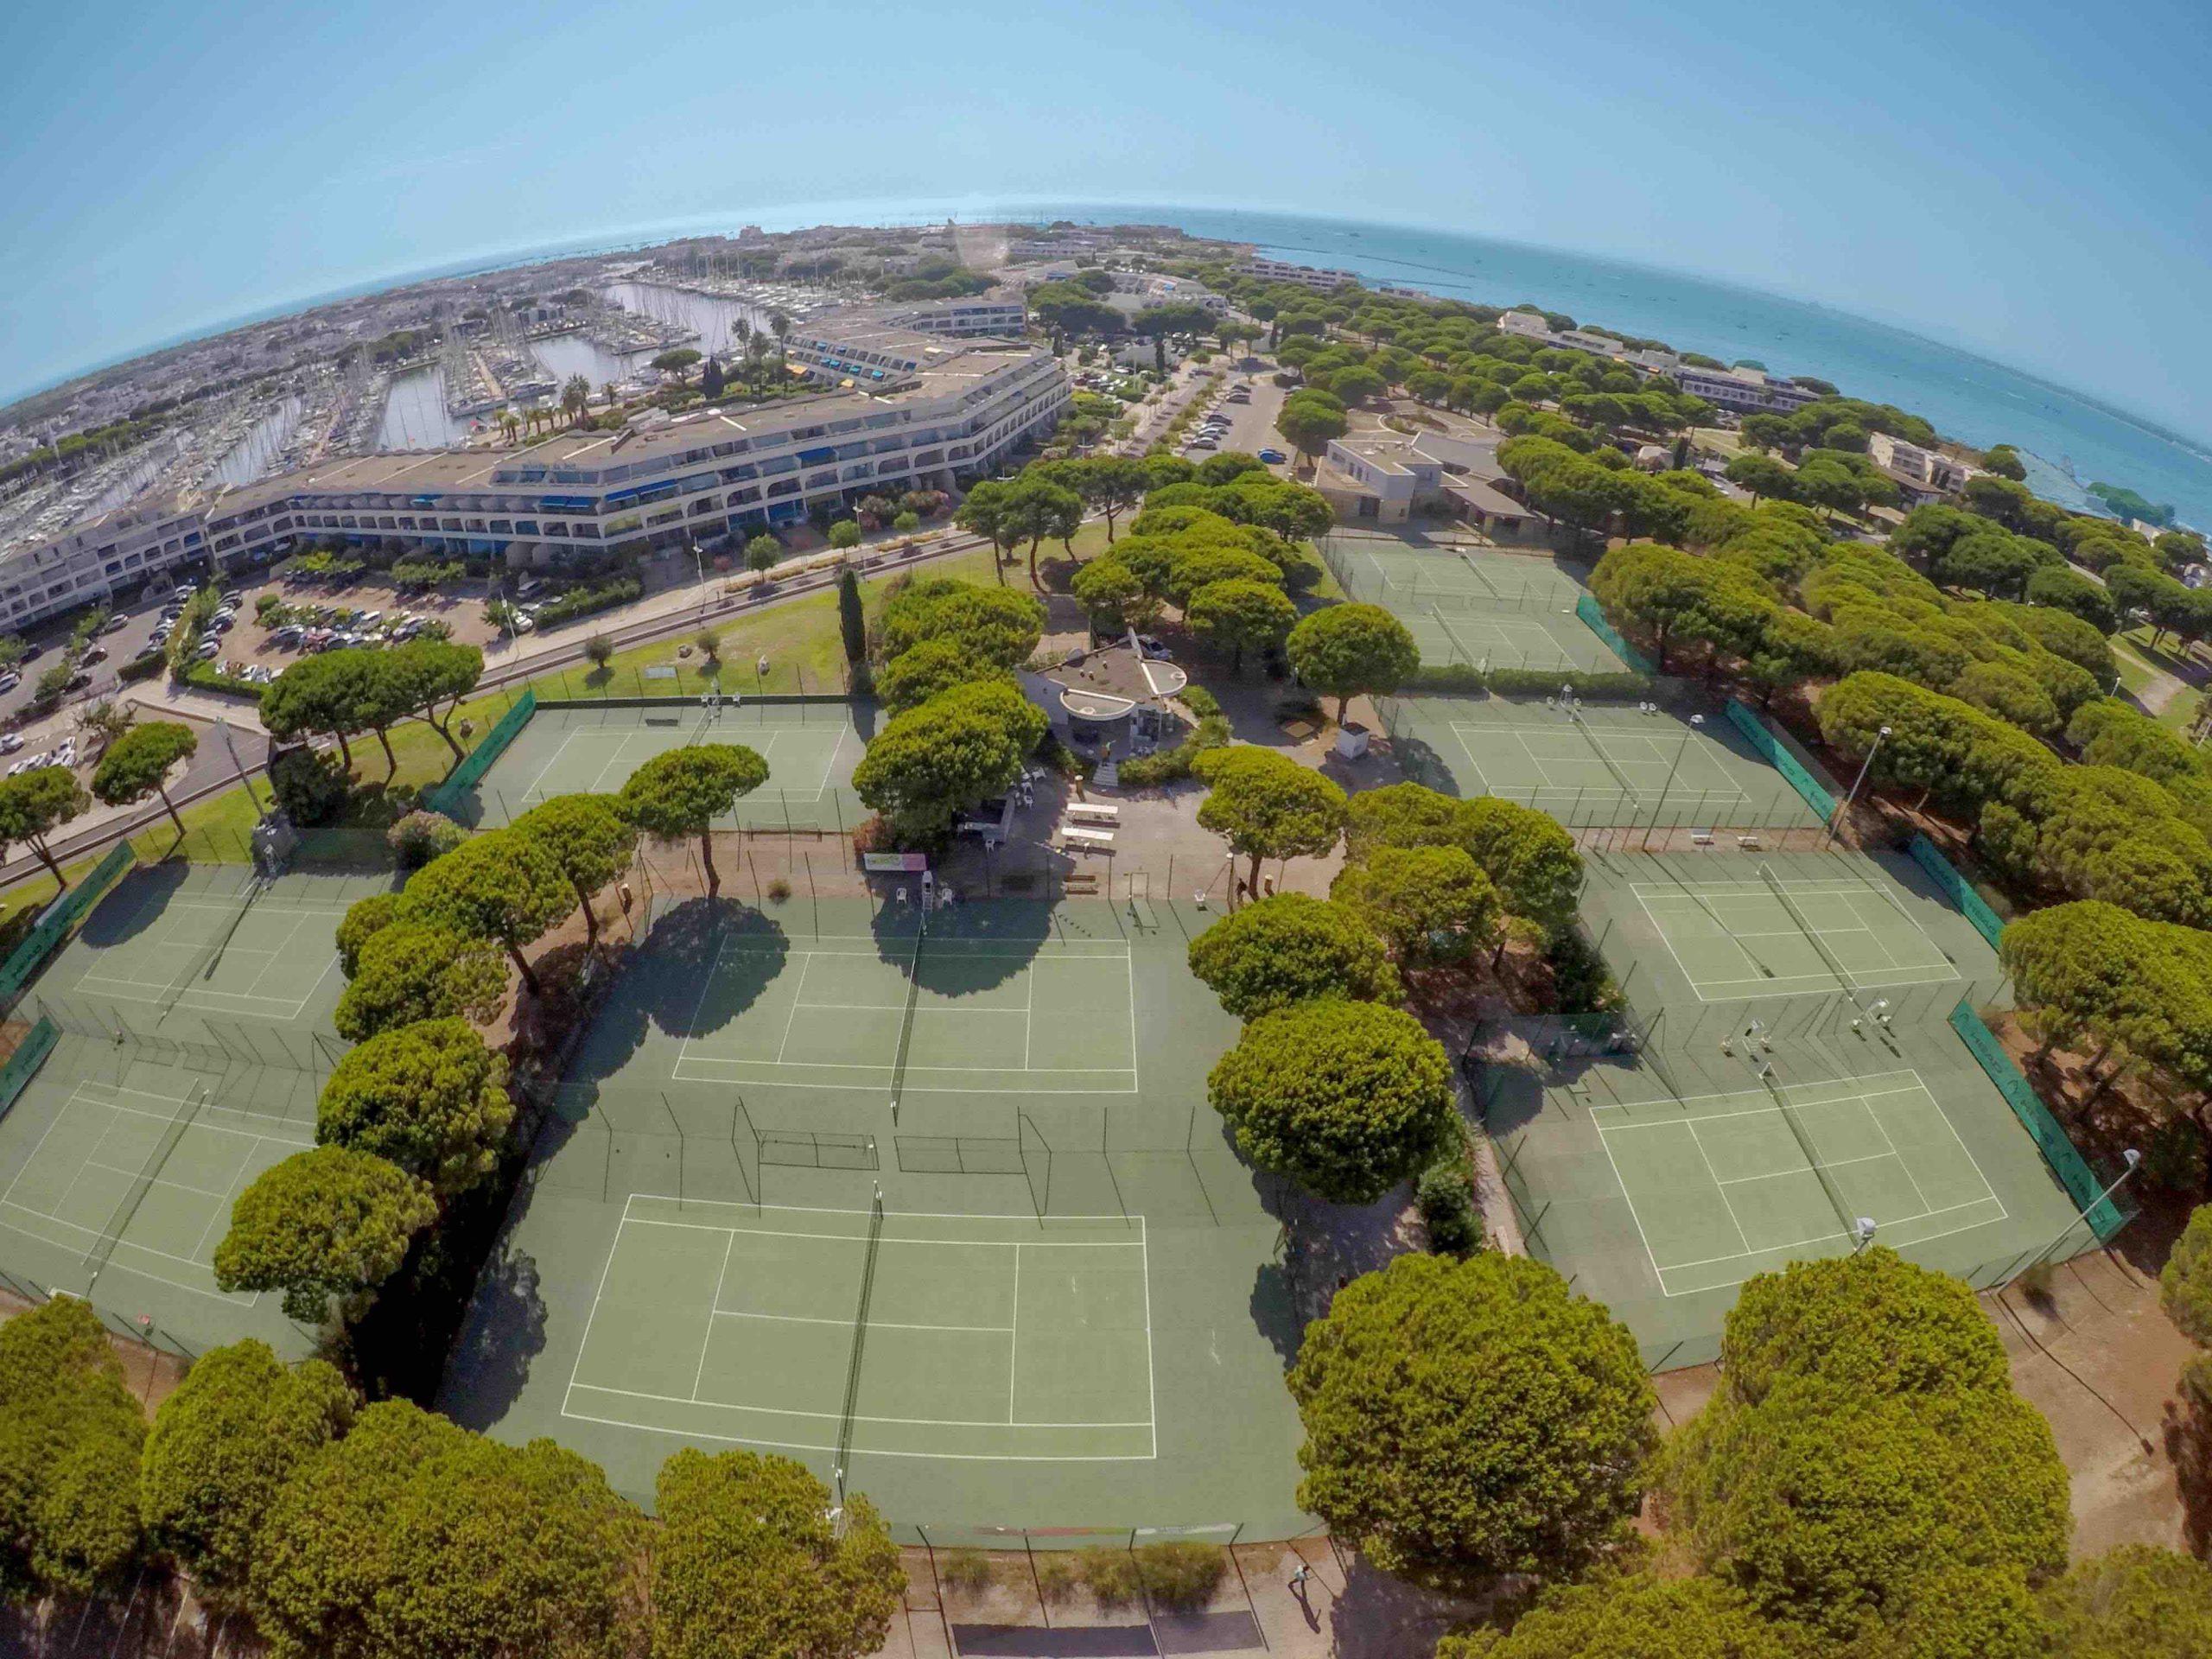 CLUB DE TENNIS - PORT CAMARGUE